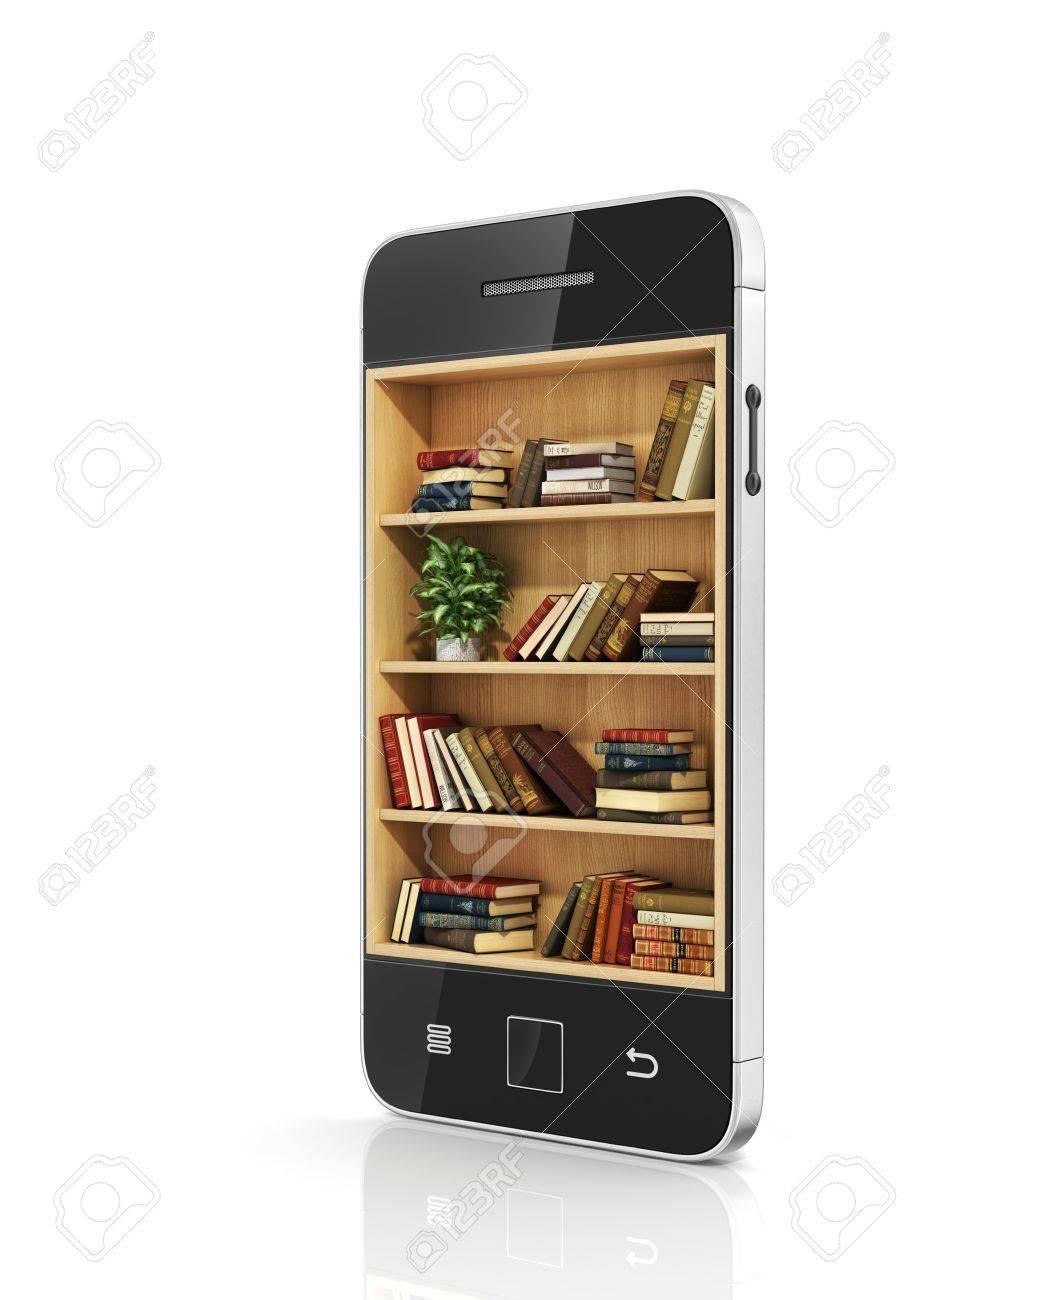 Concept De Livre Electronique Bibliotheque Avec Des Livres Dans L Affichage Du Telephone